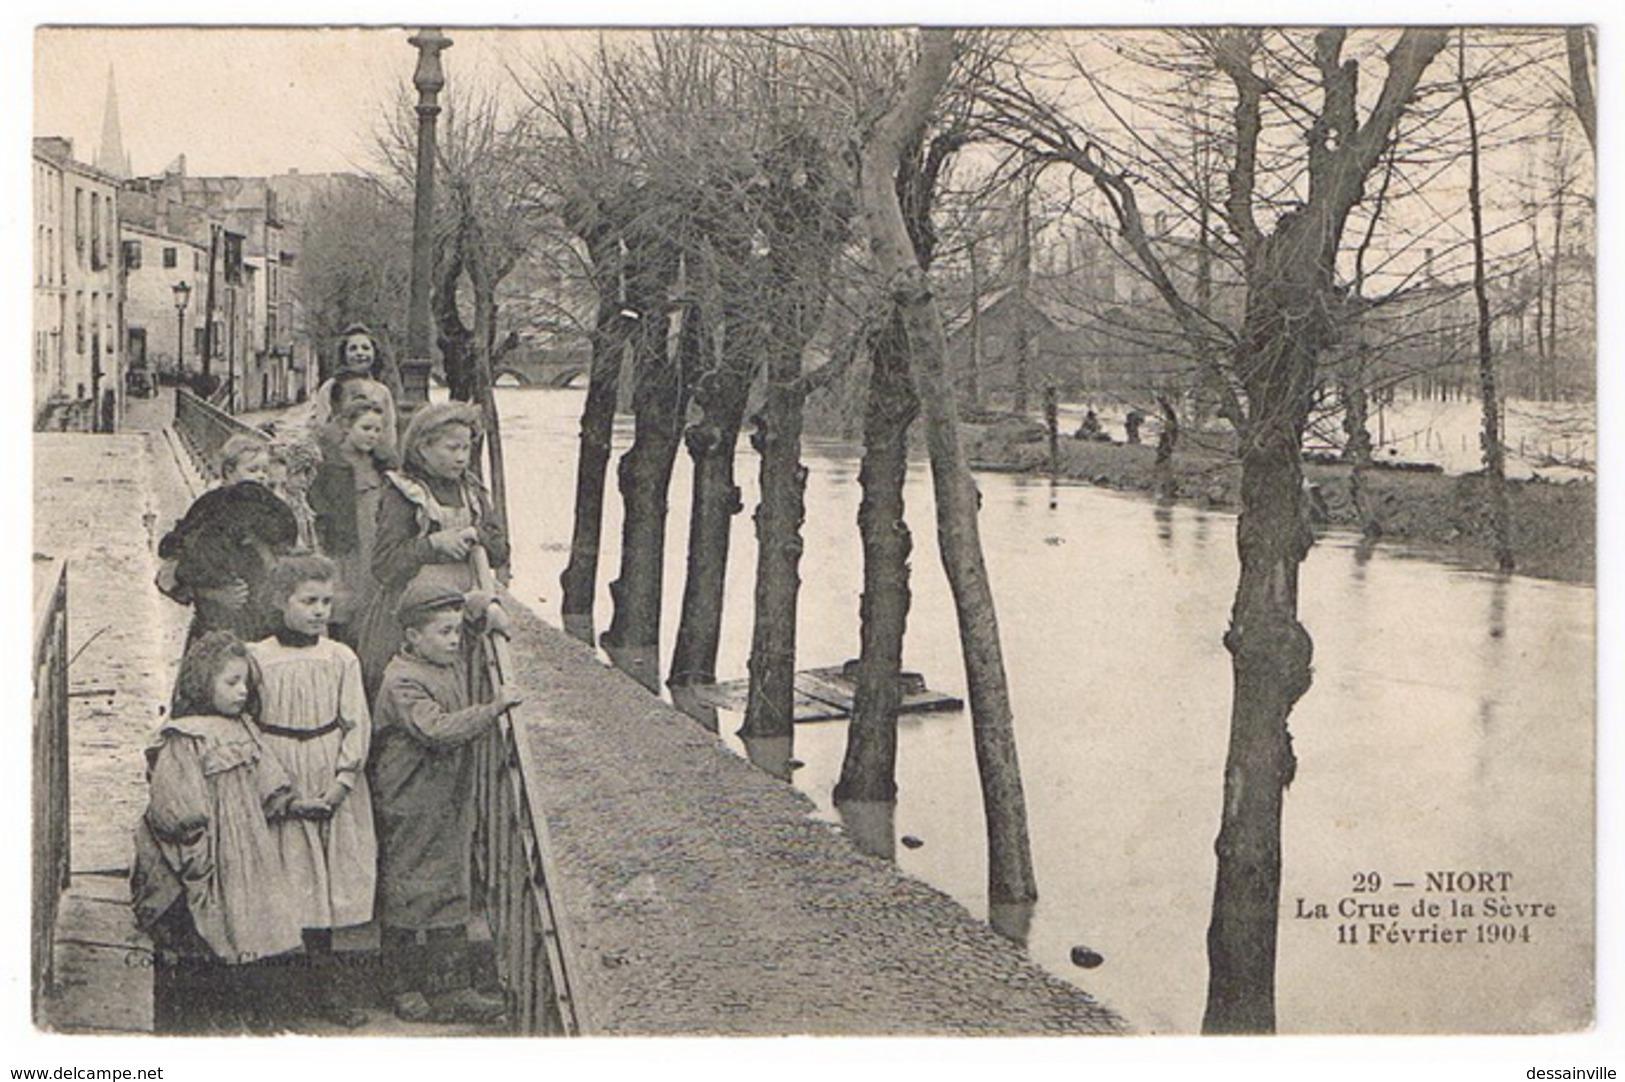 NIORT  La Crue De La Sèvre 11 Février 1904 - Niort